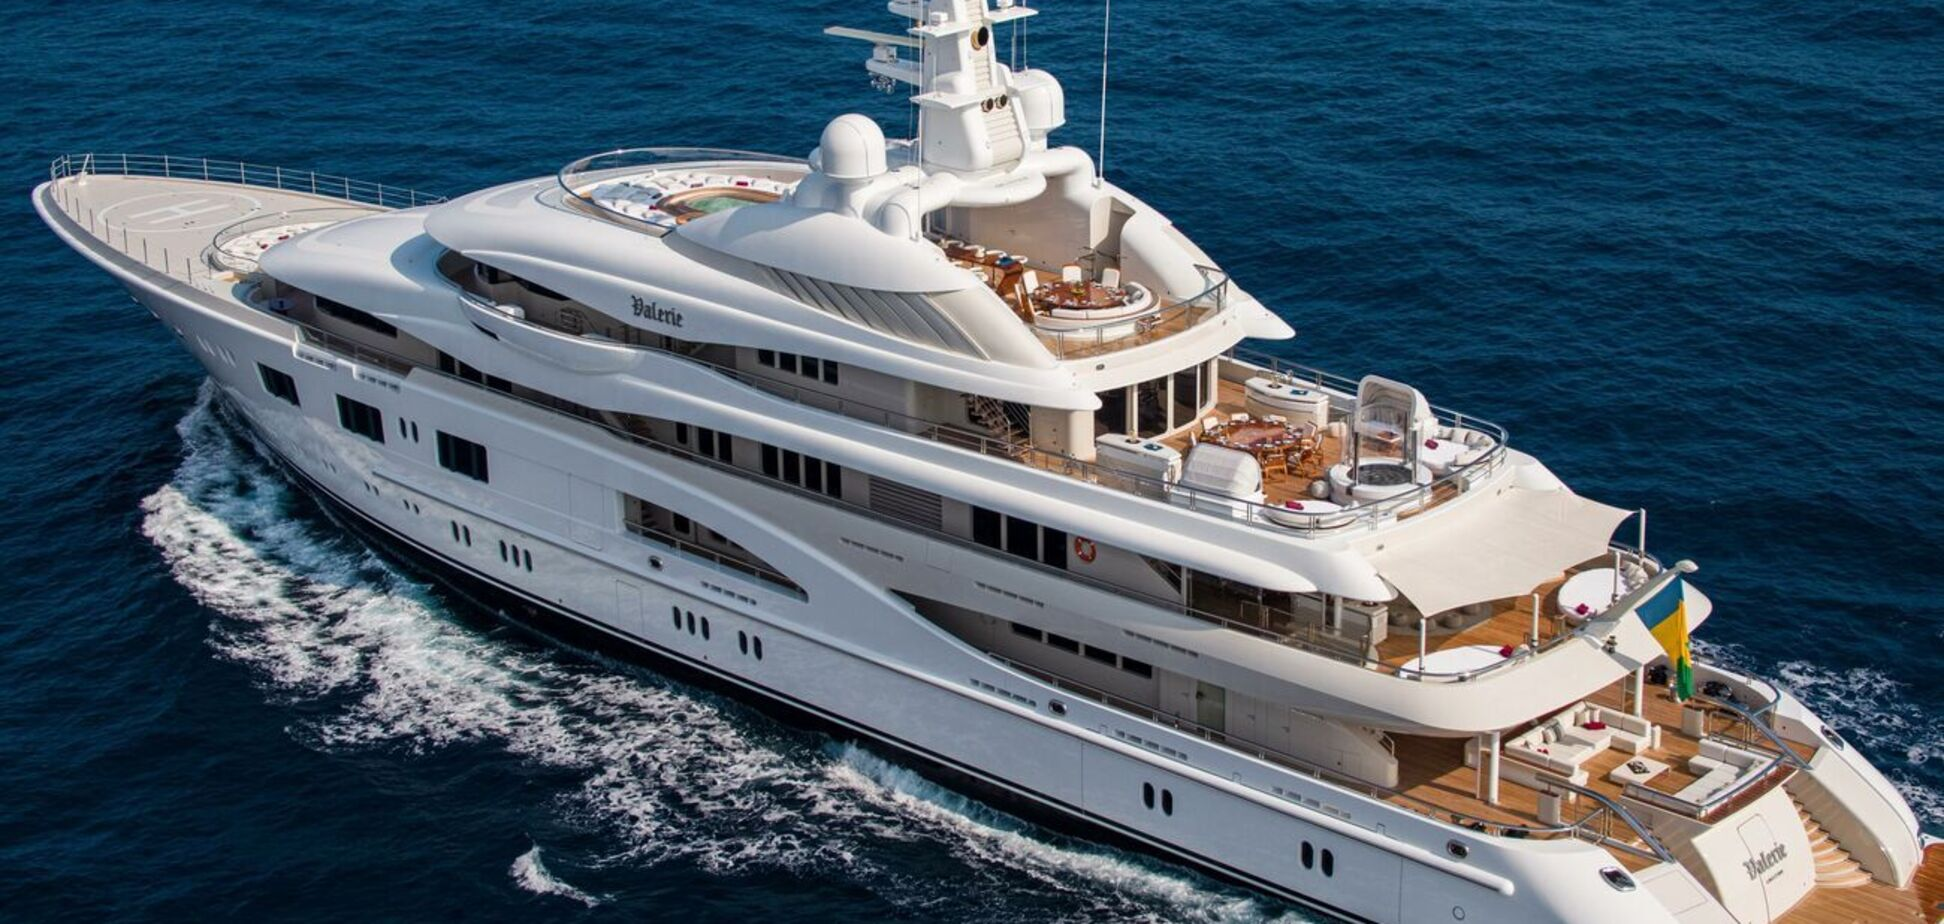 Яхта, на якій відпочивала Дженіфер Лопес, не належить Ахметову – ЗМІ